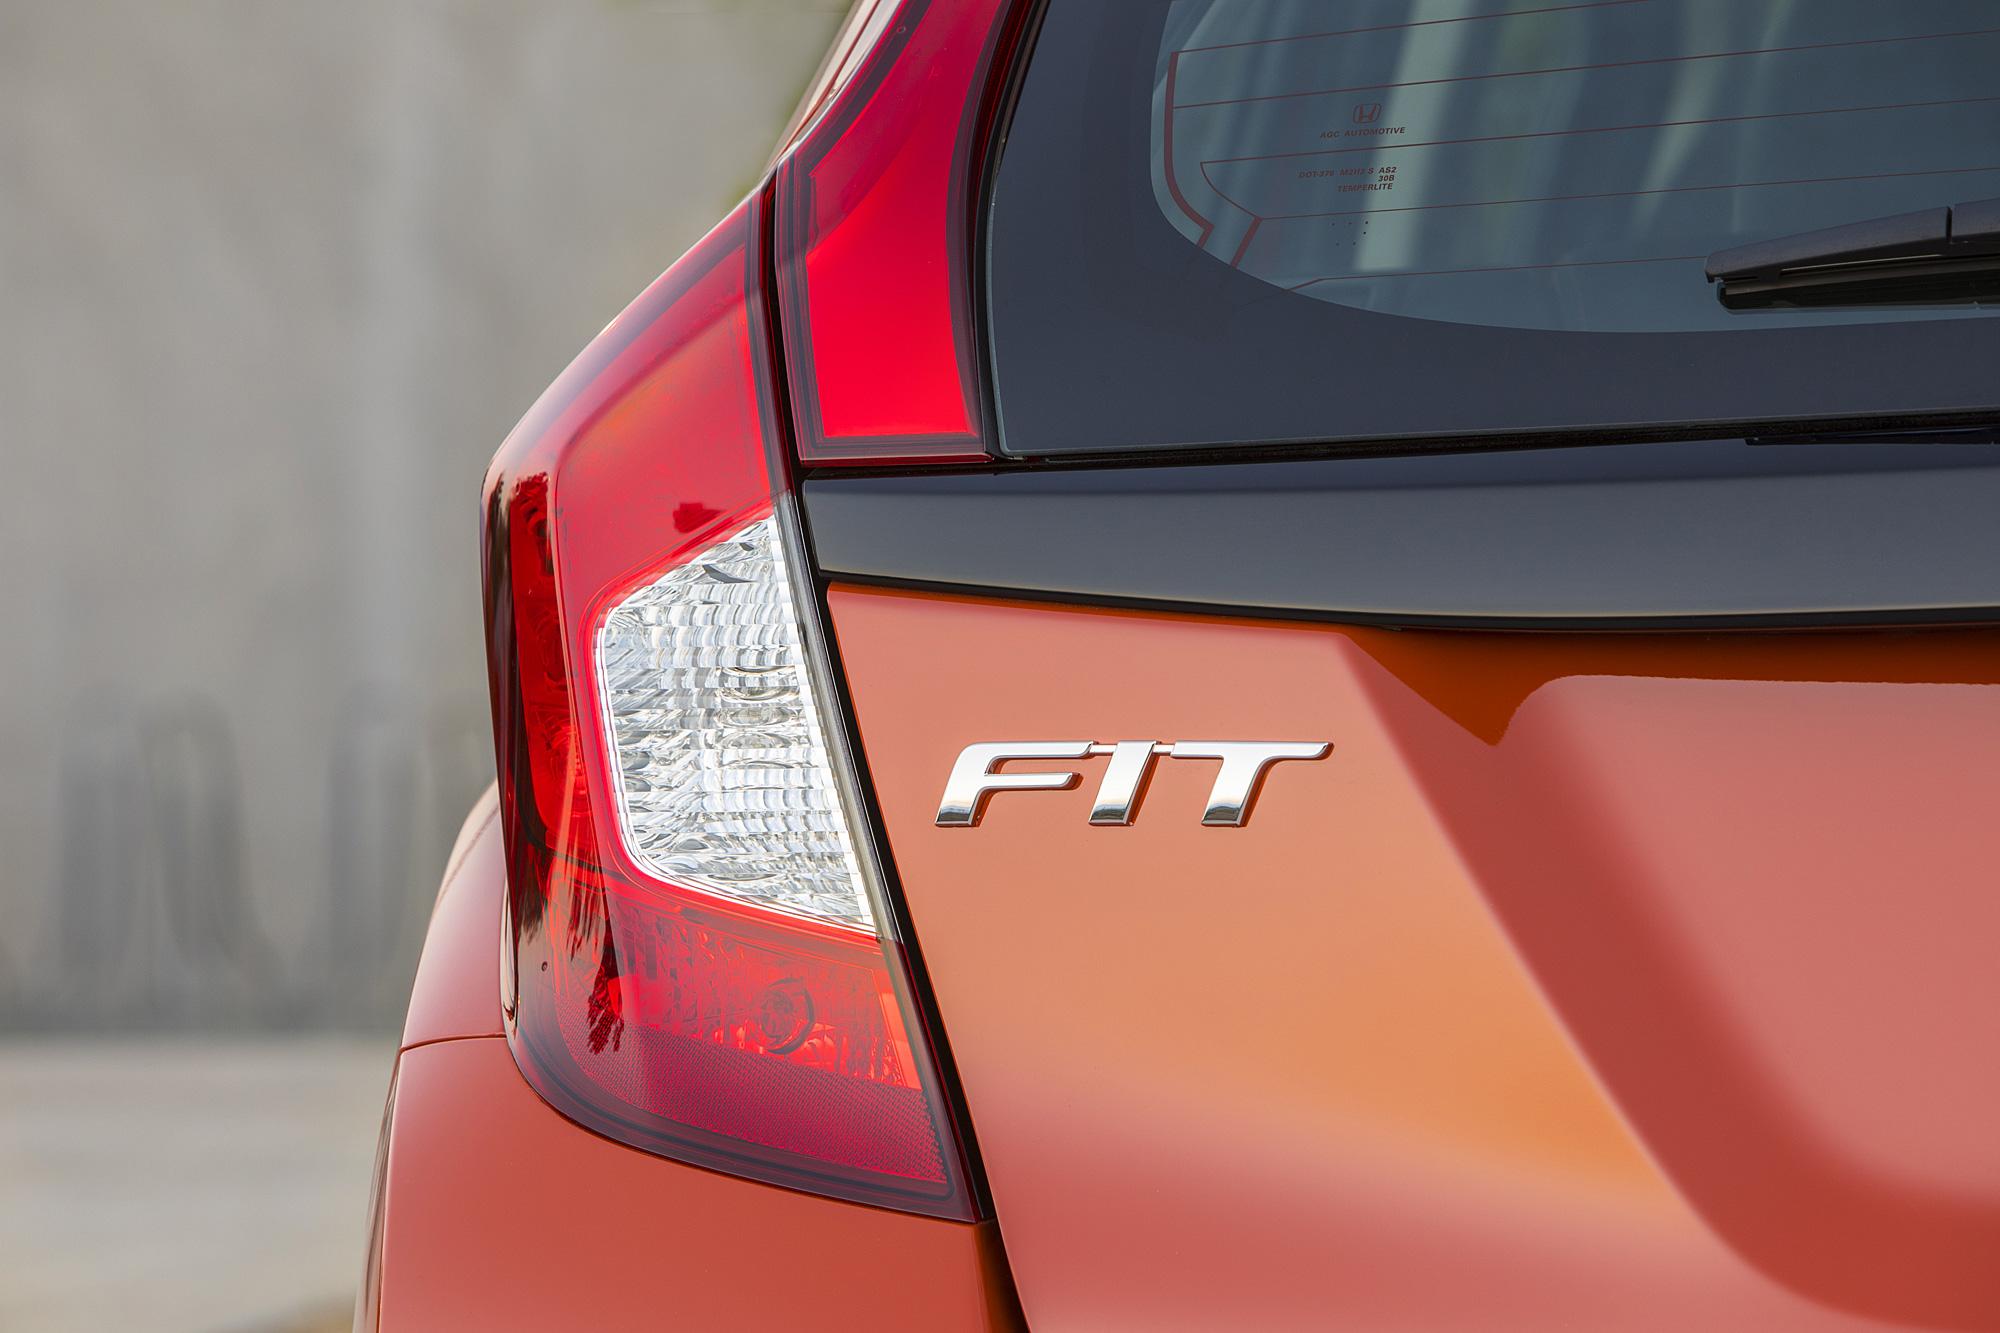 全新世代 Fit 將會是 Honda 於 2019 年東京車展的主秀